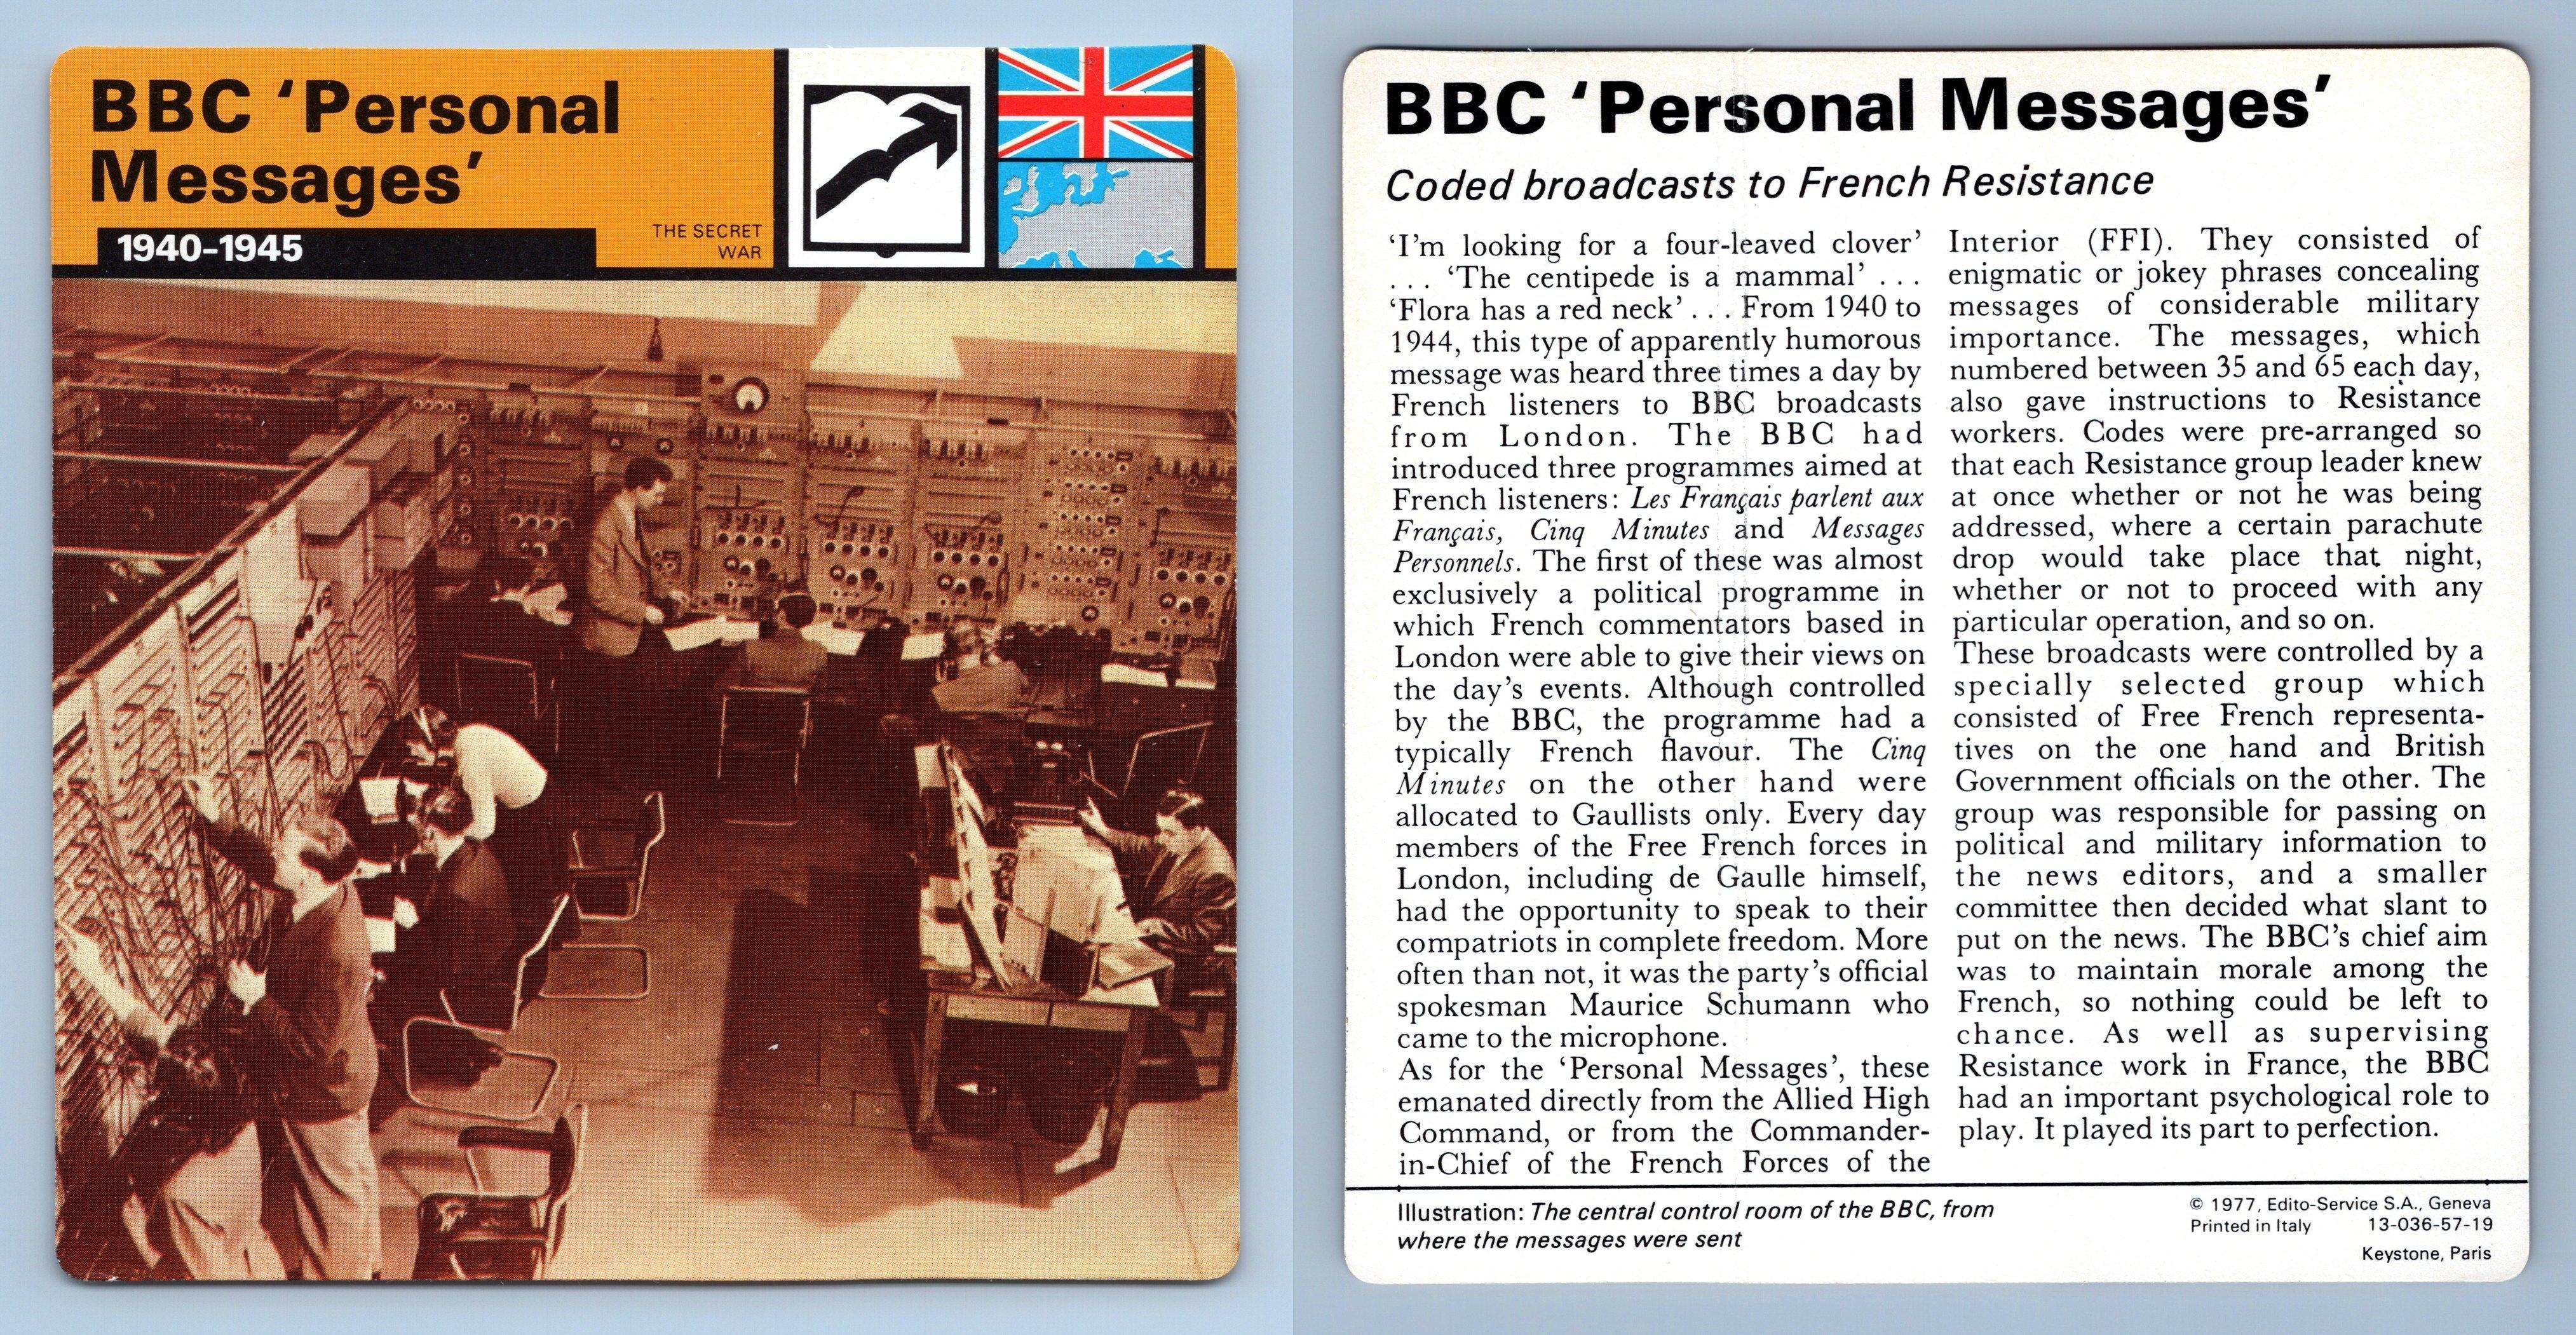 1939-45 WW2 Edito-Service SA 1977 Card ASDIC Secret War